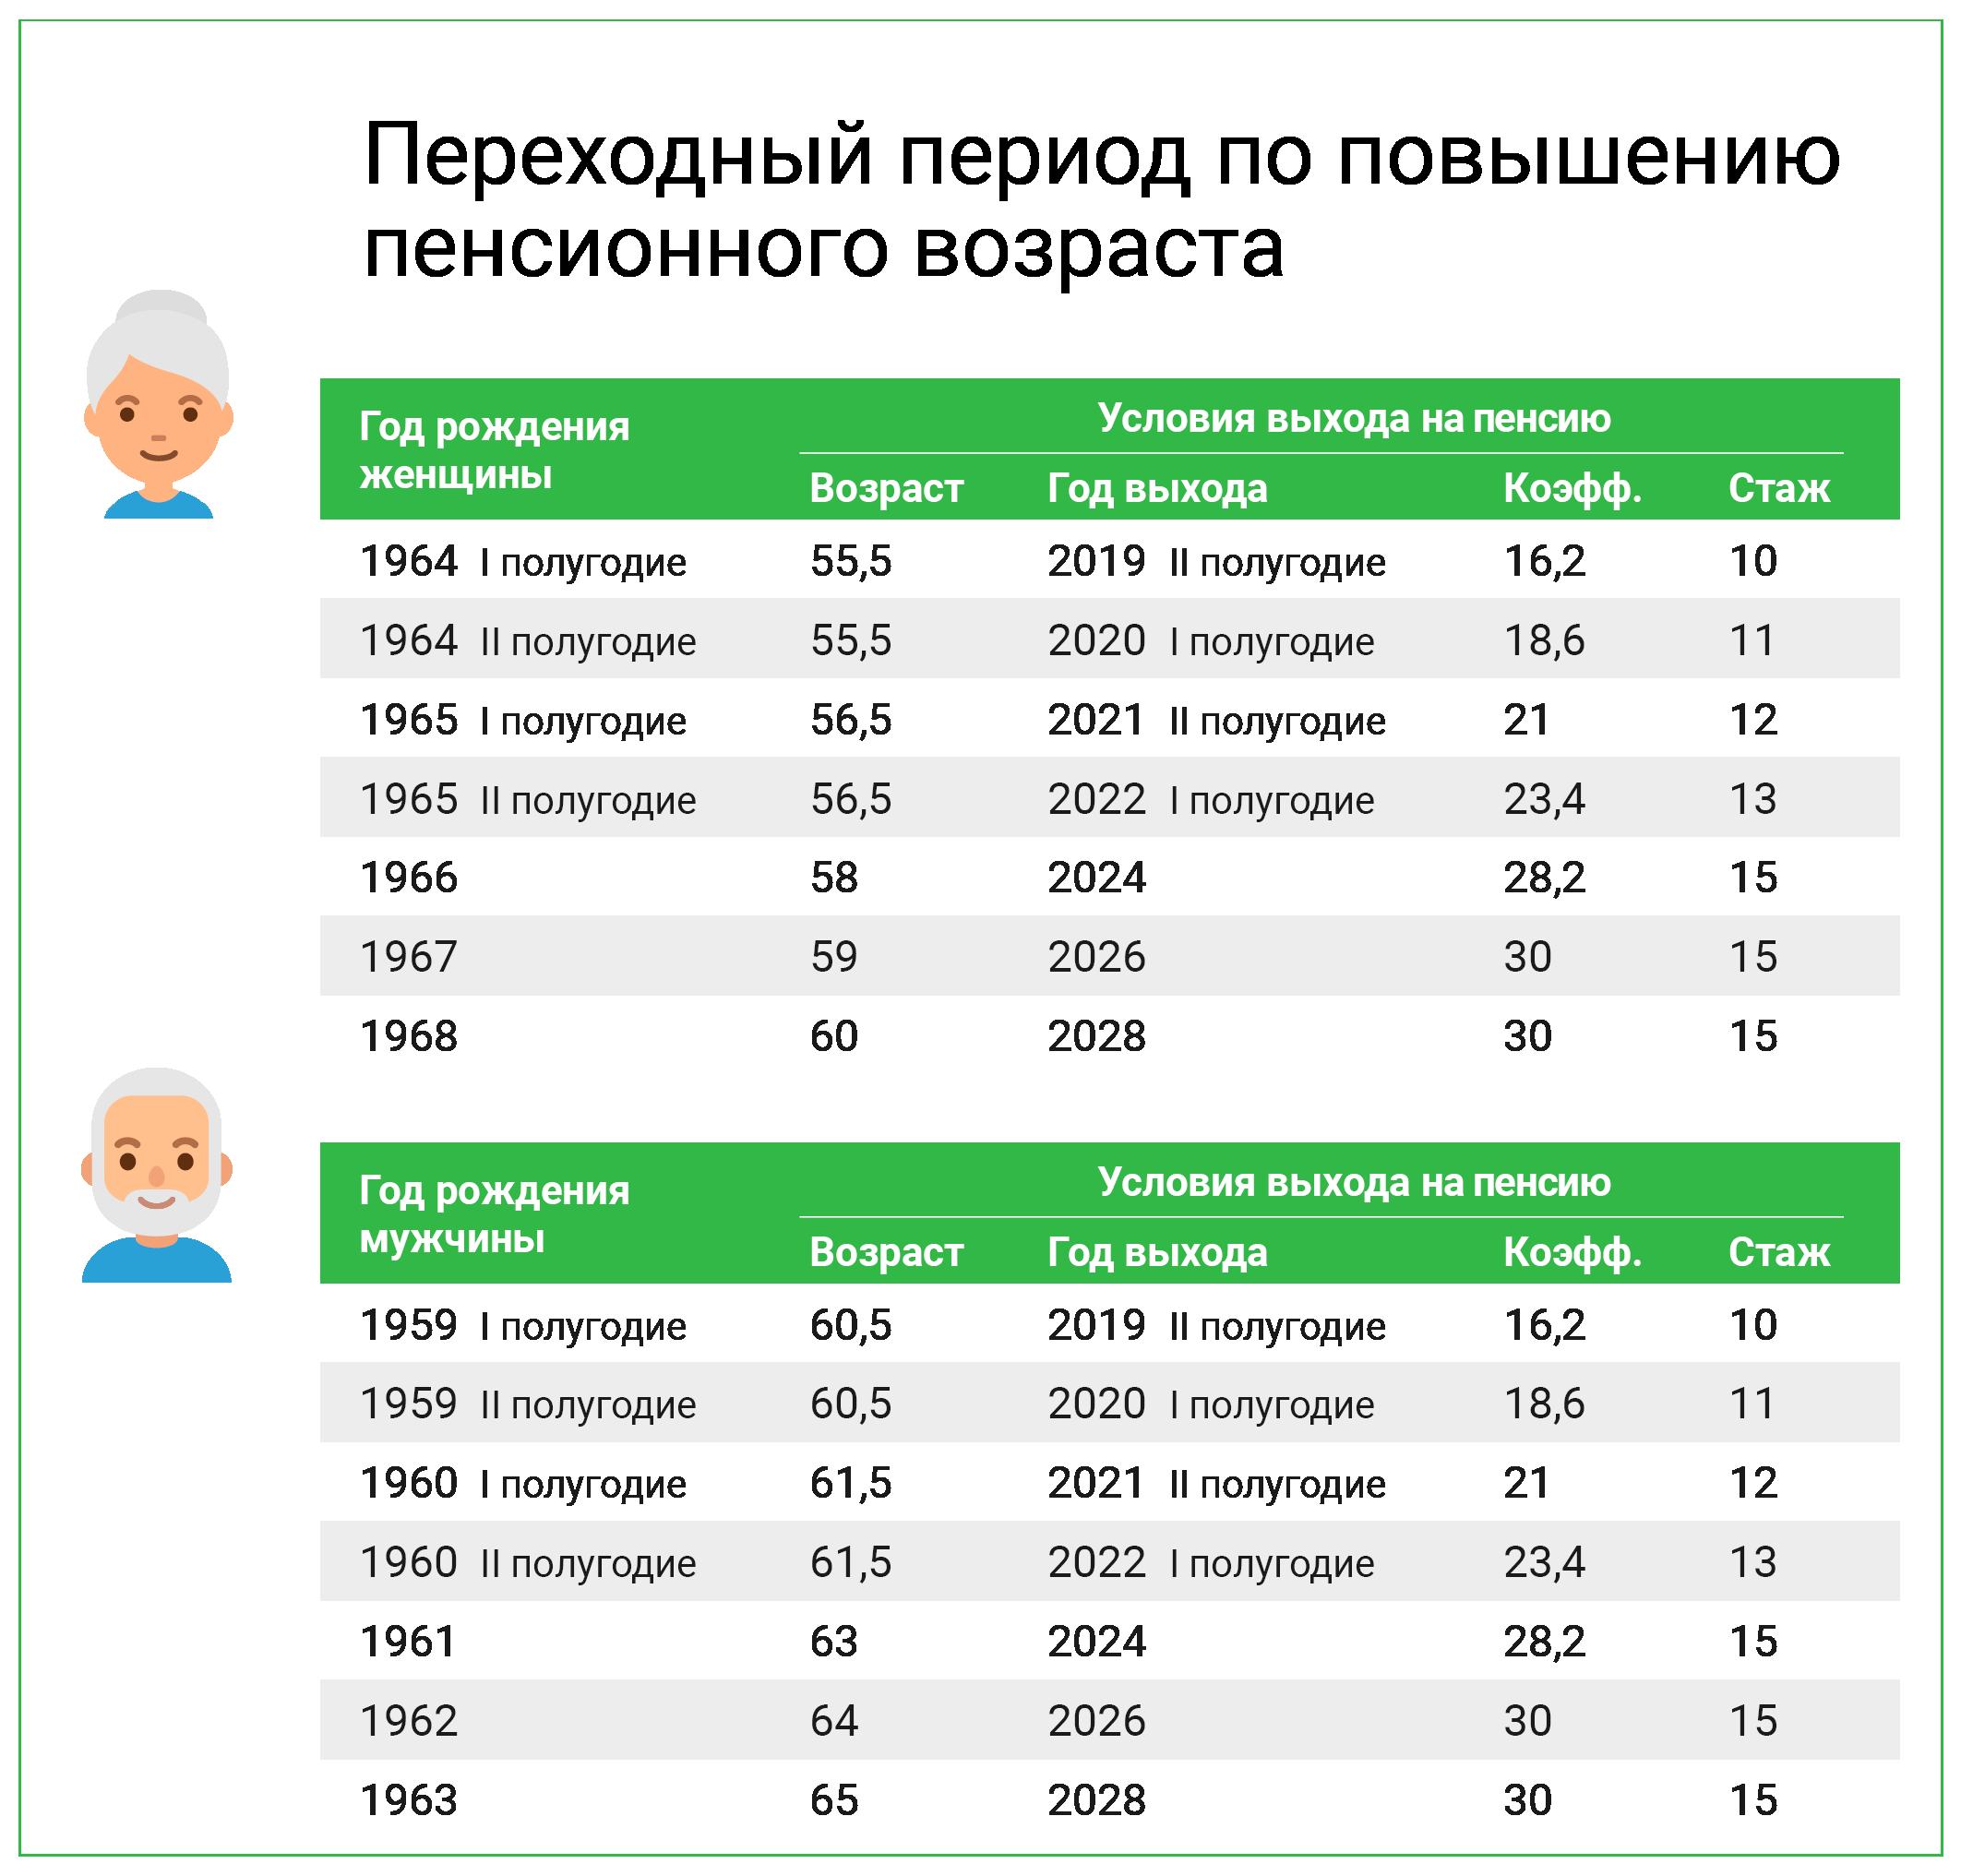 Как рассчитать возраст выхода на пенсию женщин пенсионный фонд белово официальный сайт личный кабинет